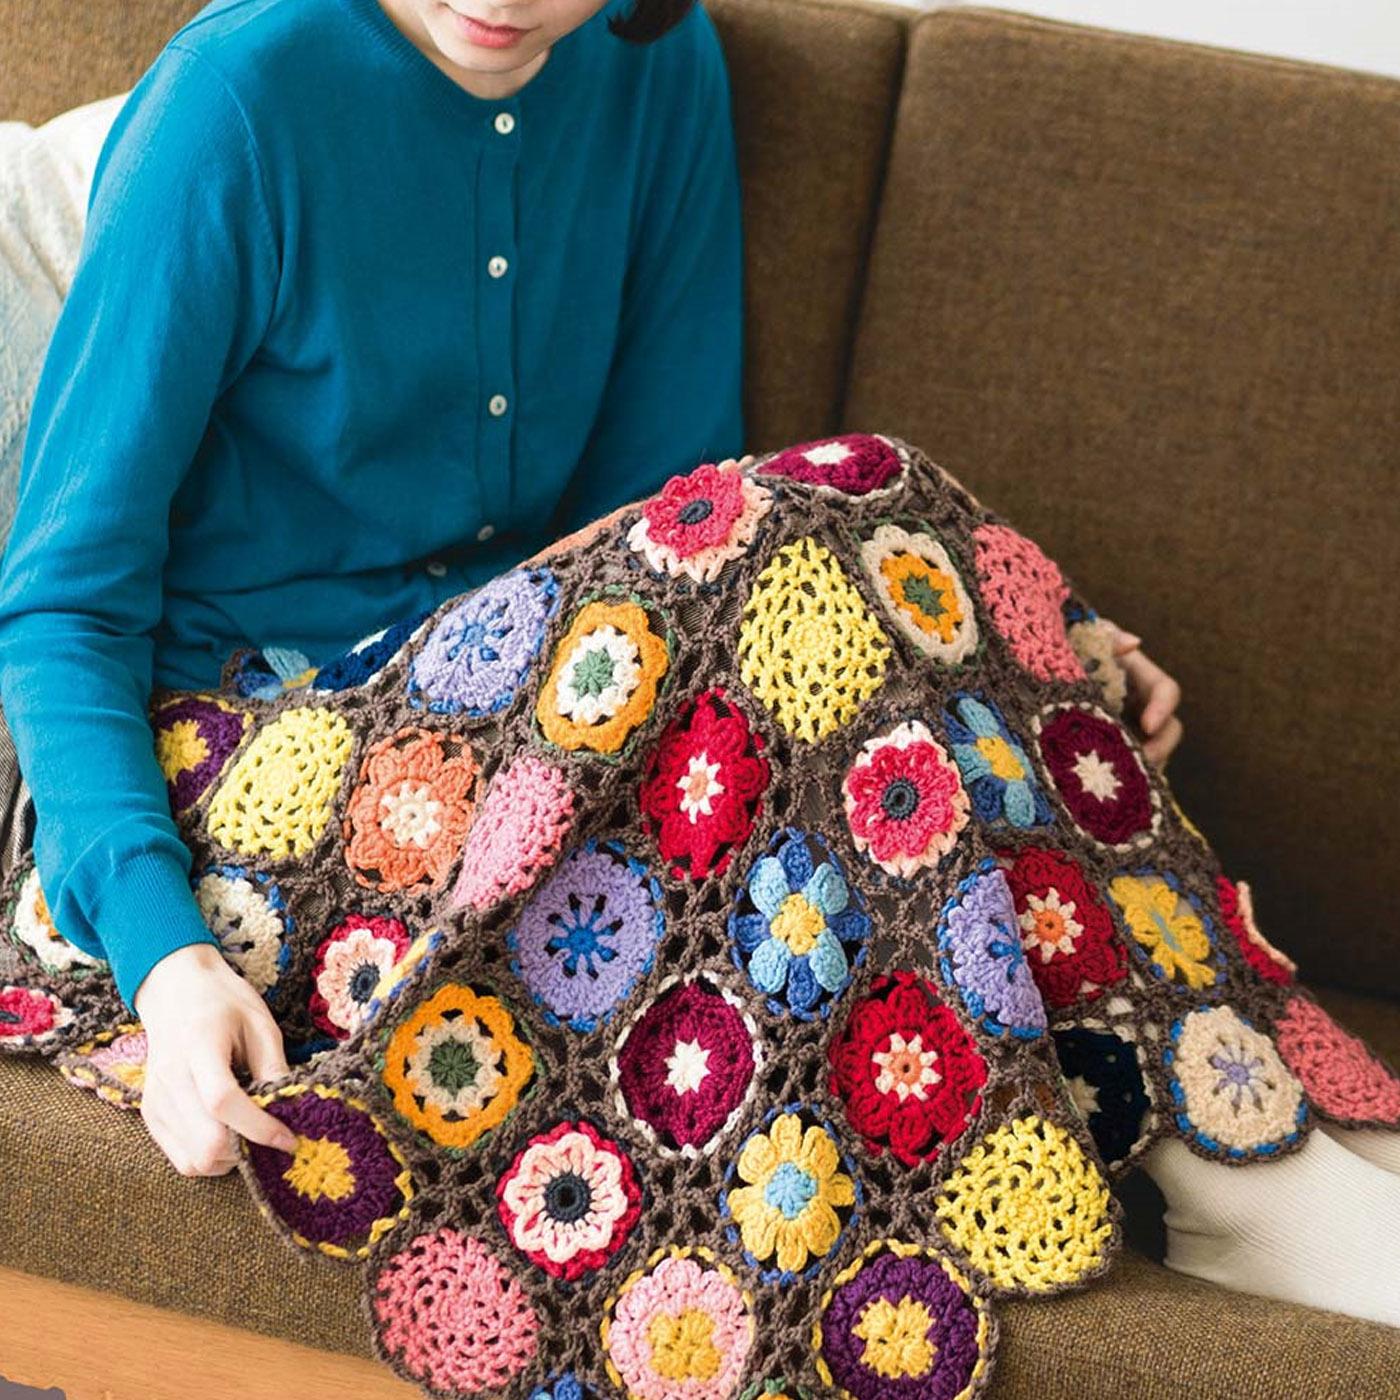 Couturier[クチュリエ] 「はじめてさんのきほんのき」 くさり編みからきちんとレッスン♪ かぎ針モチーフ編みの会 モチーフ64枚でひざかけに。